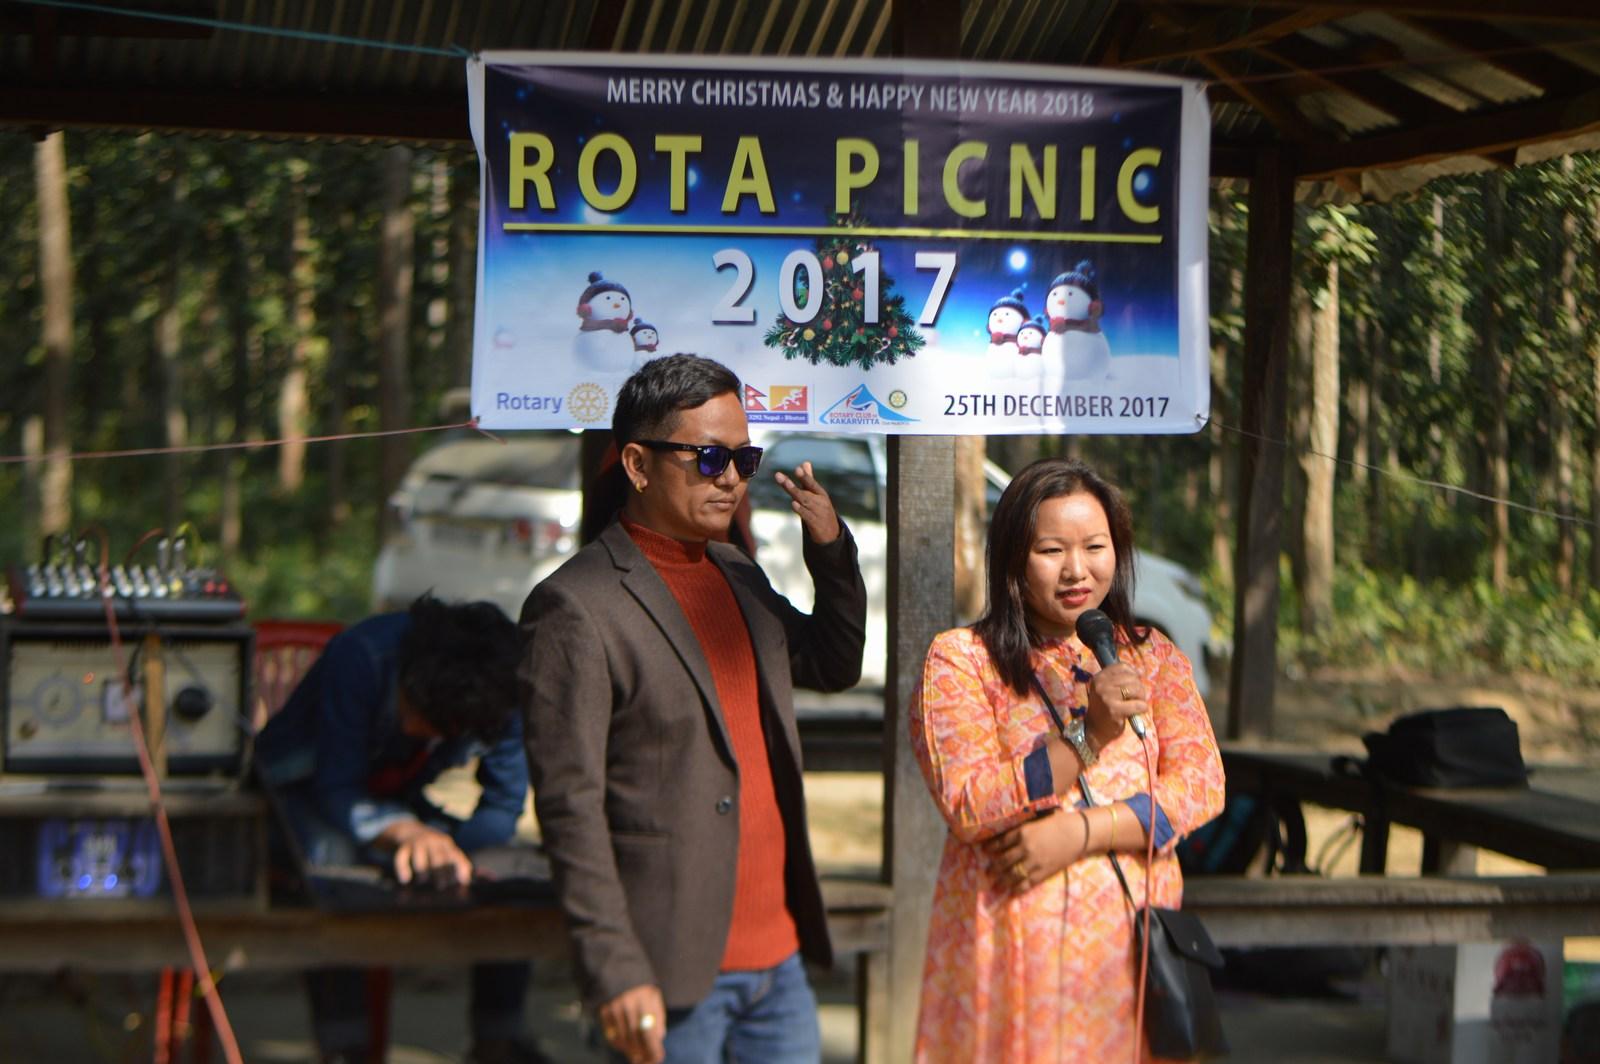 Rota-Picnic-2017-Rotary-Club-of-Kakarvitta-76